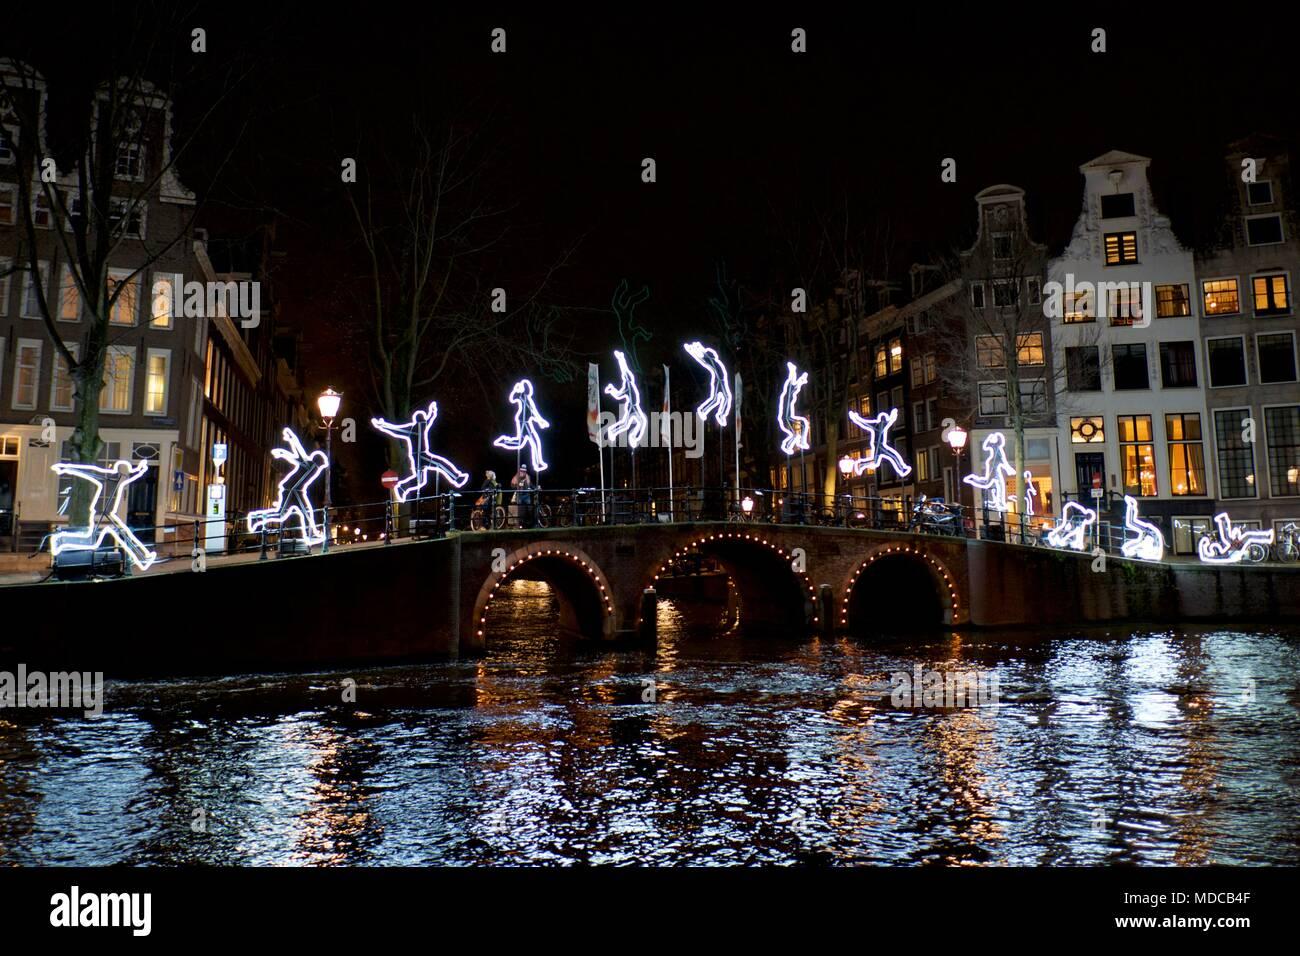 Licht Tour Amsterdam : Amsterdam licht festival anzeige stockfoto bild alamy